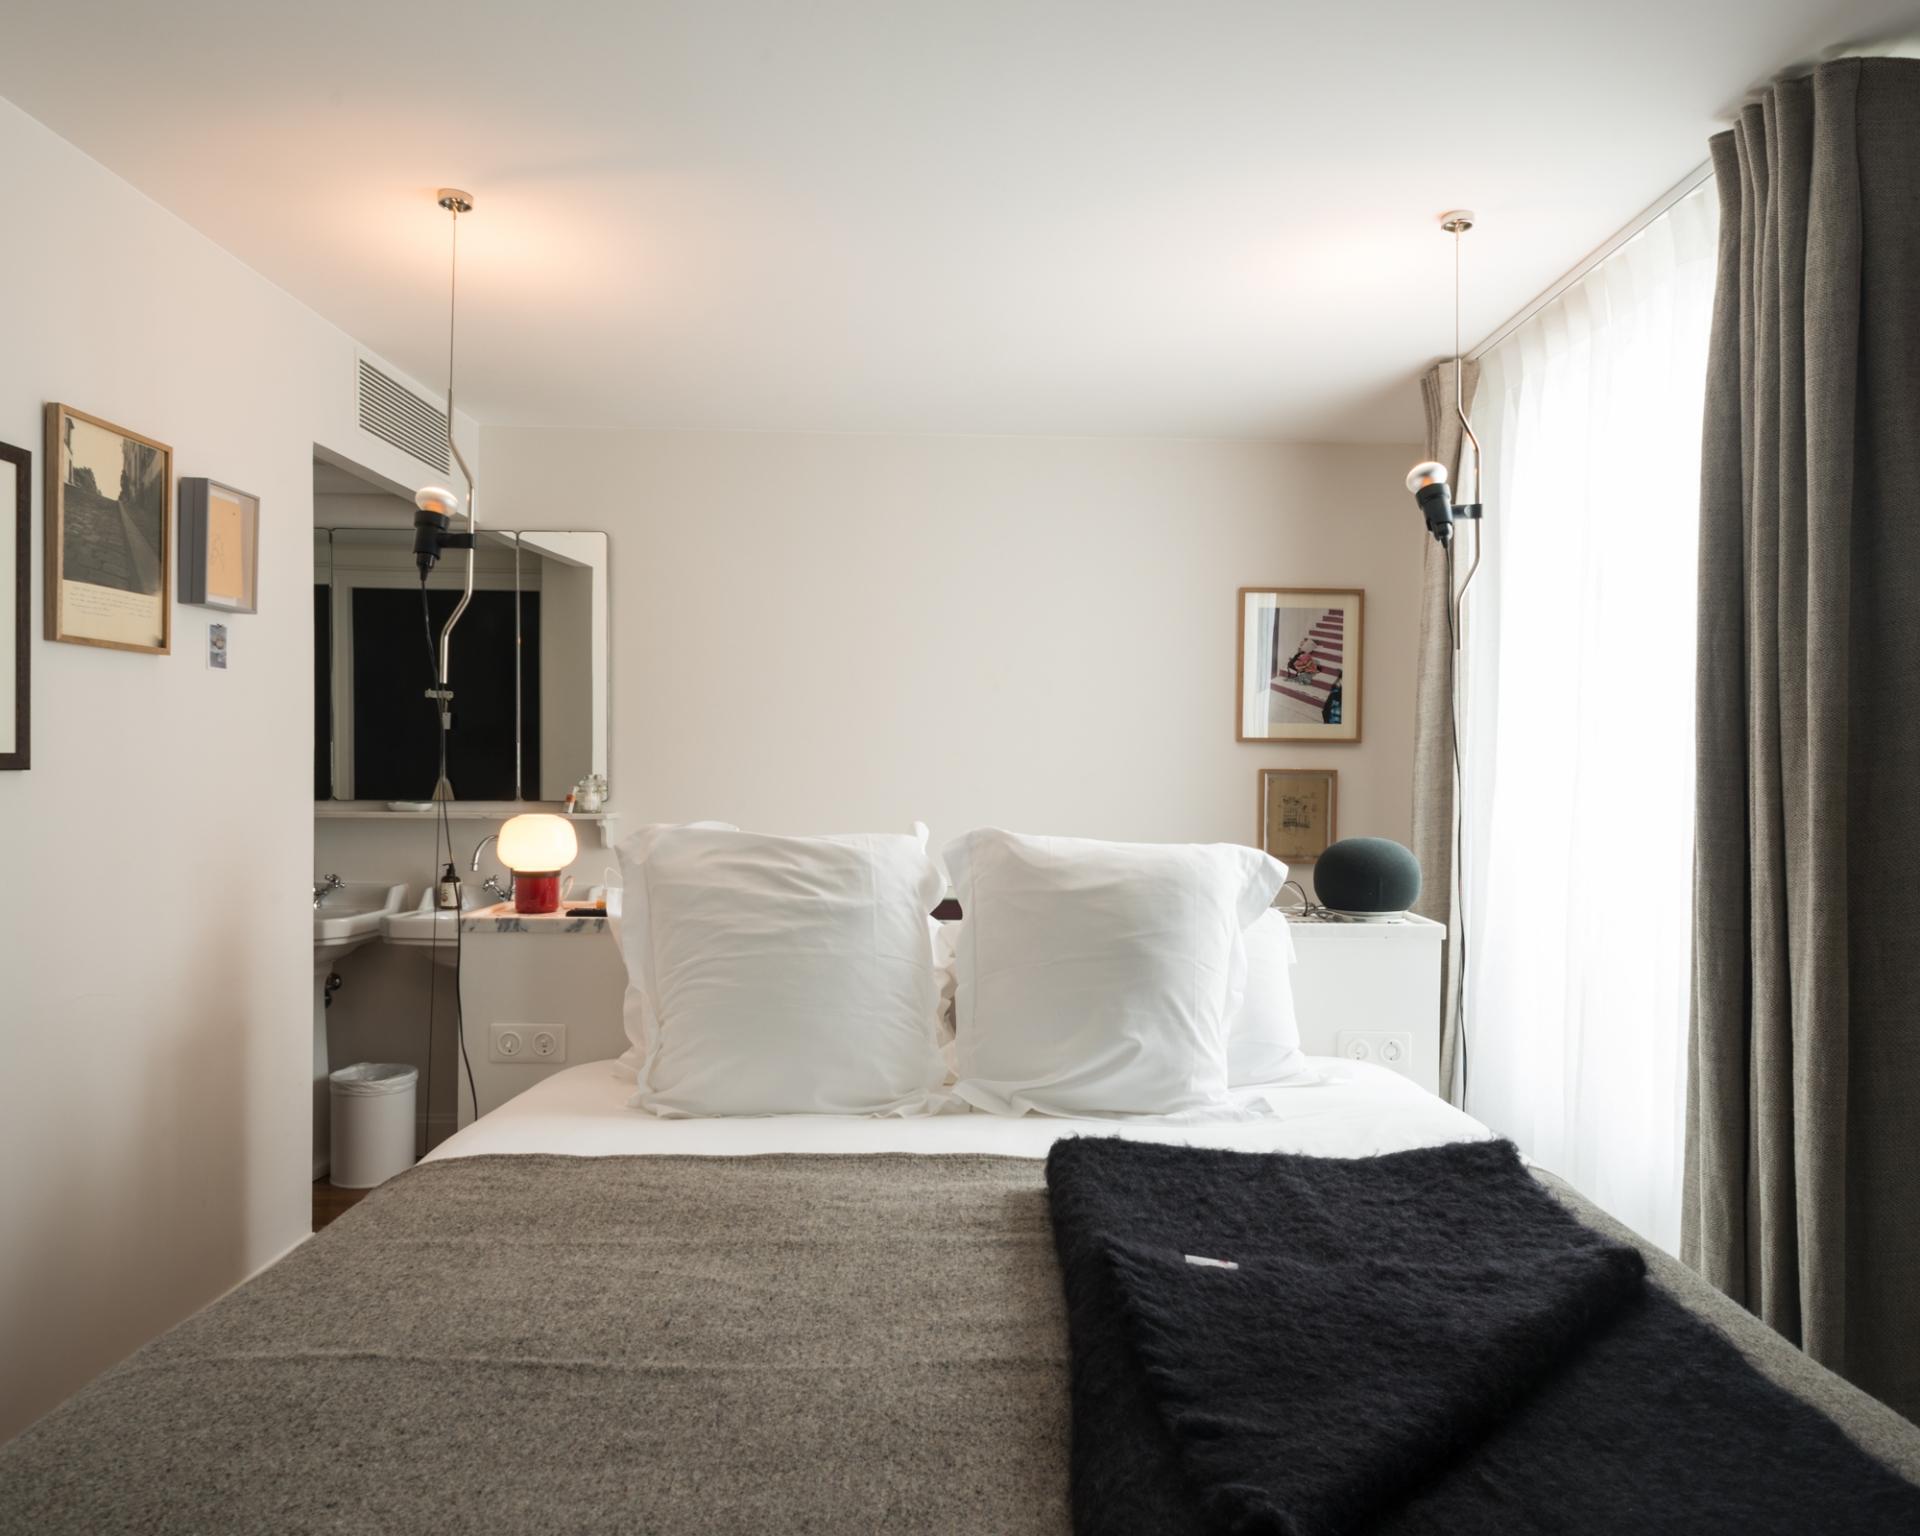 FRANÇOIS CAVELIER Le Pigalle Hotel. Paris. MONOCLE